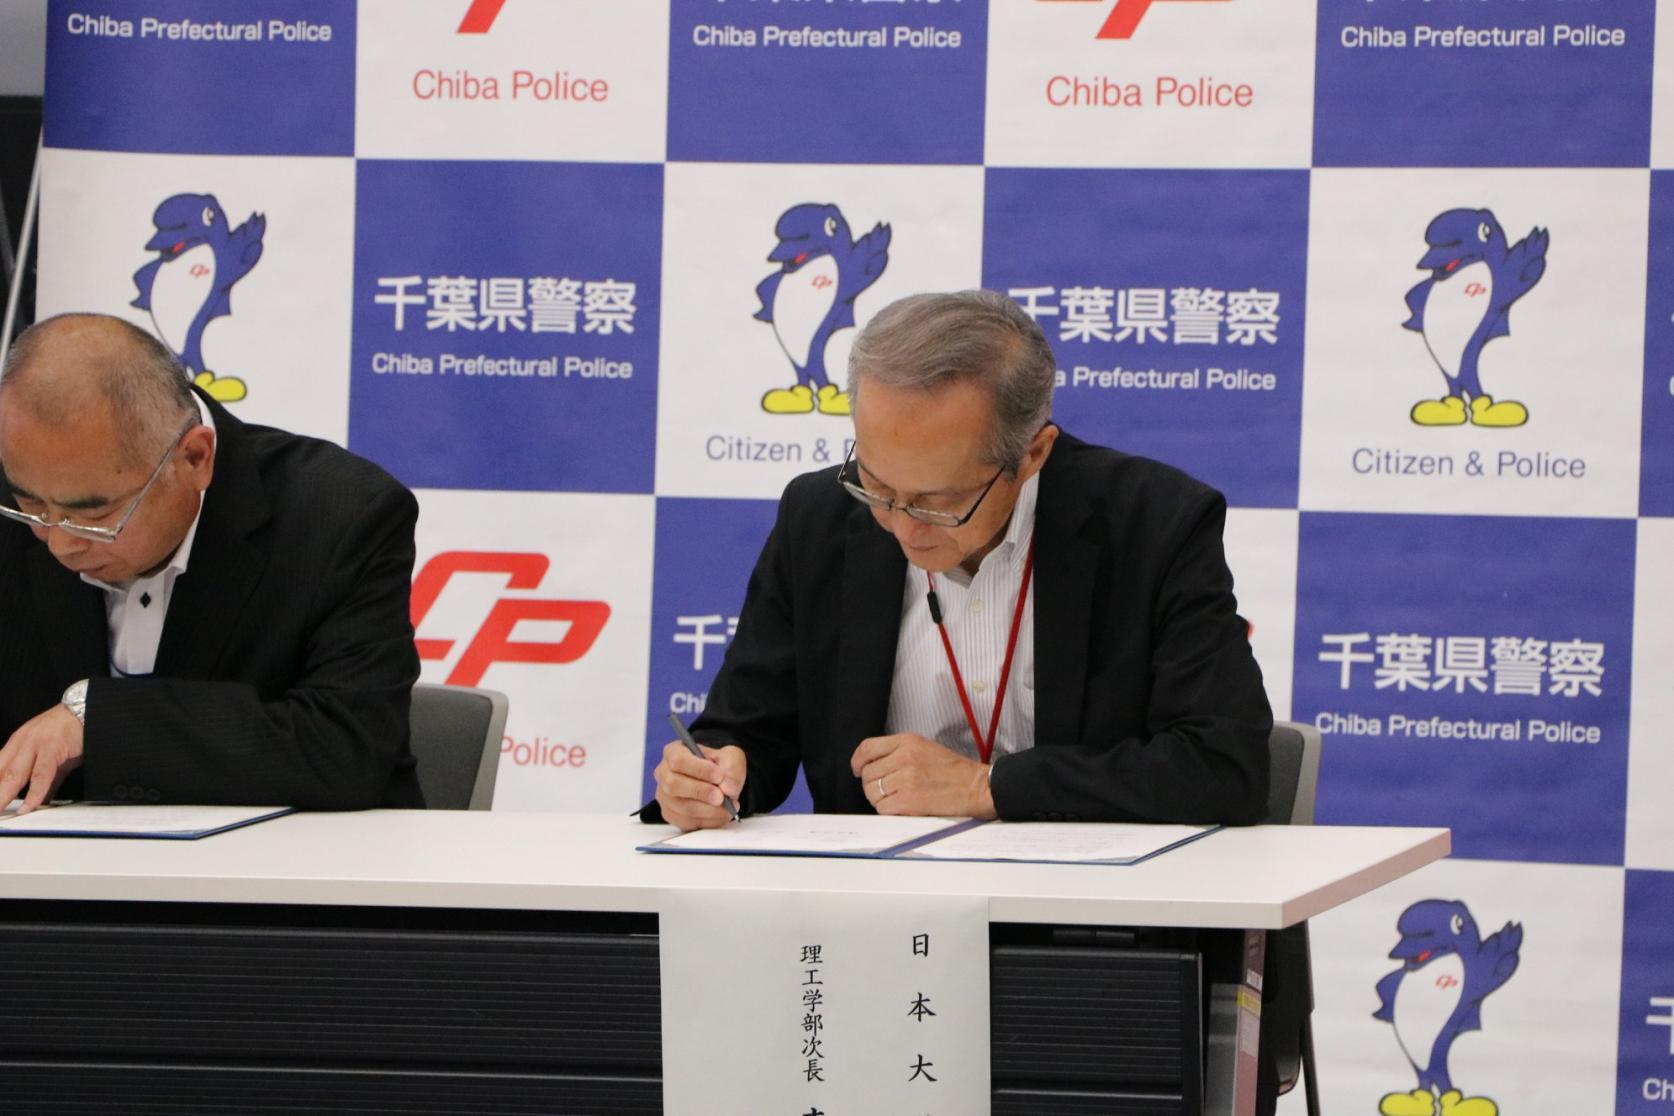 千葉県警察とサイバーセキュリティパートナーシップ協定を締結